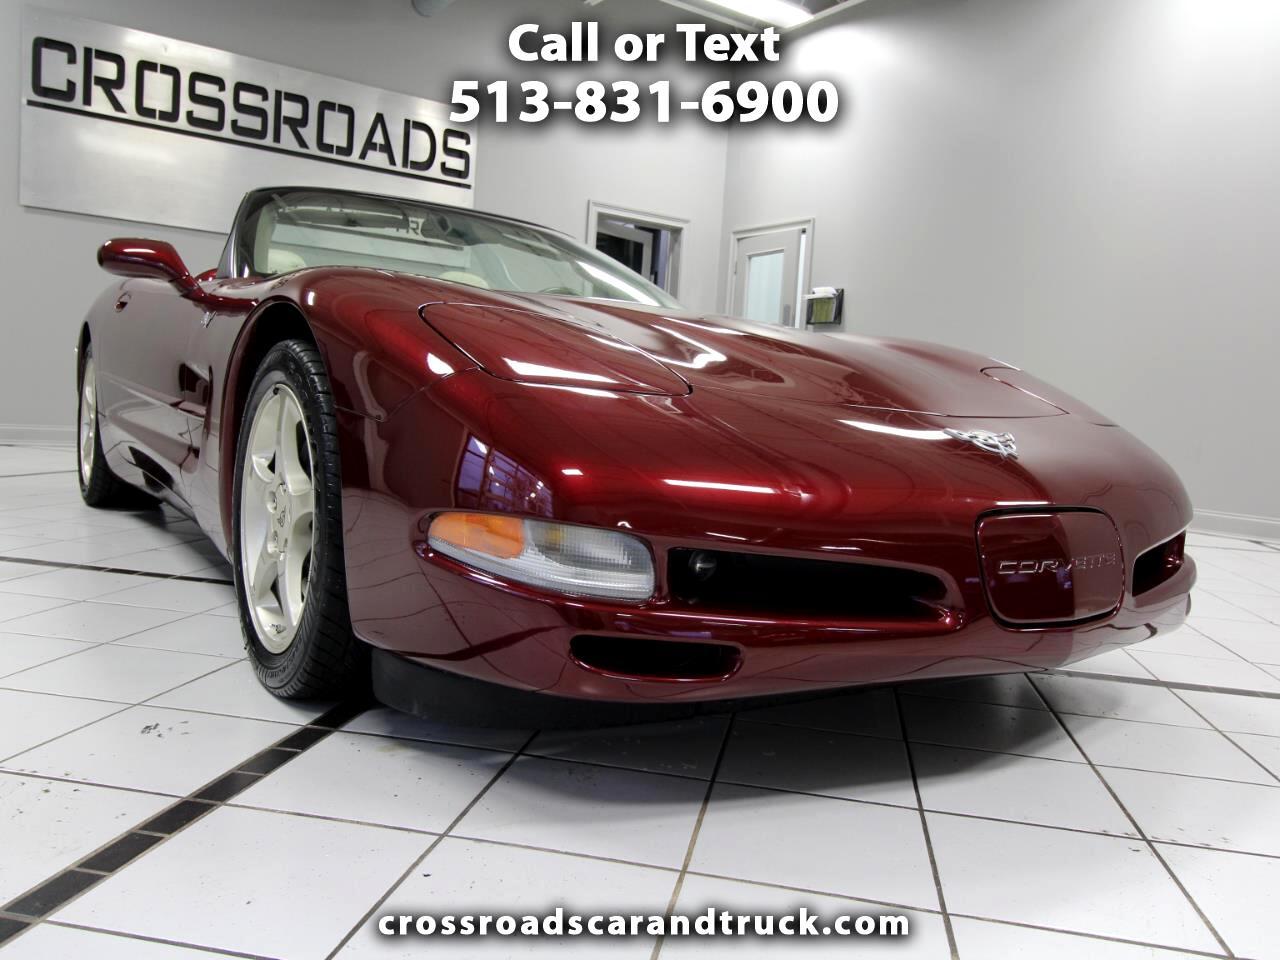 2003 Chevrolet Corvette 50th Anniversary Edition